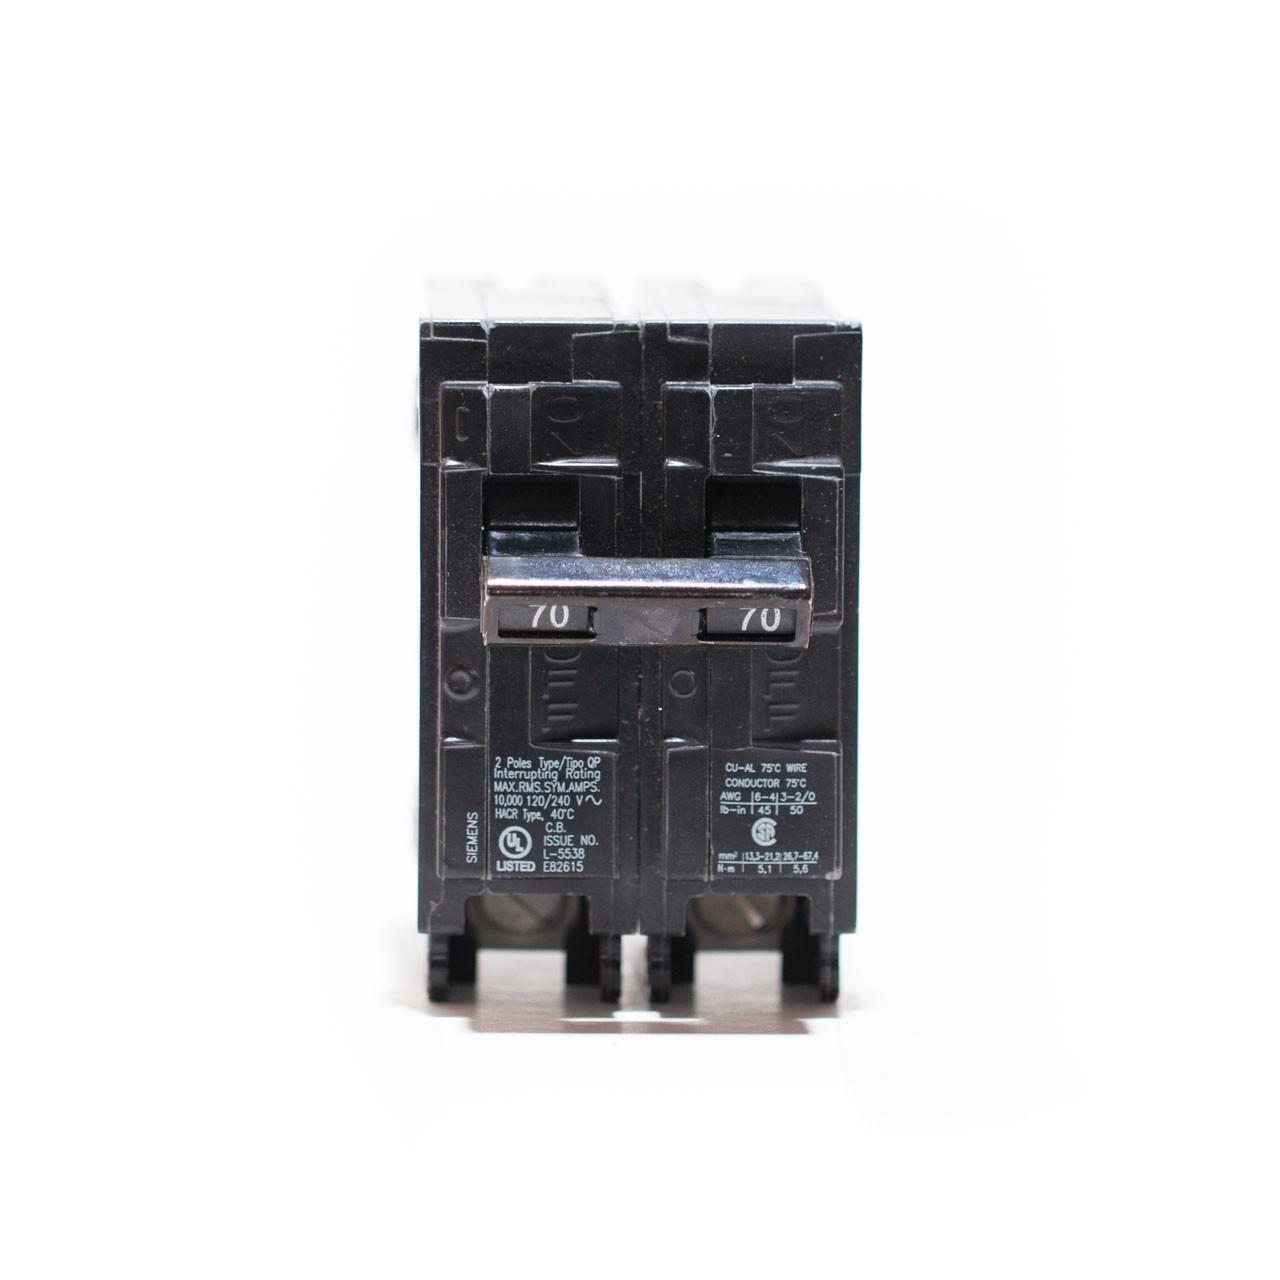 Siemens Q270 70A Two Pole Push-On Breaker